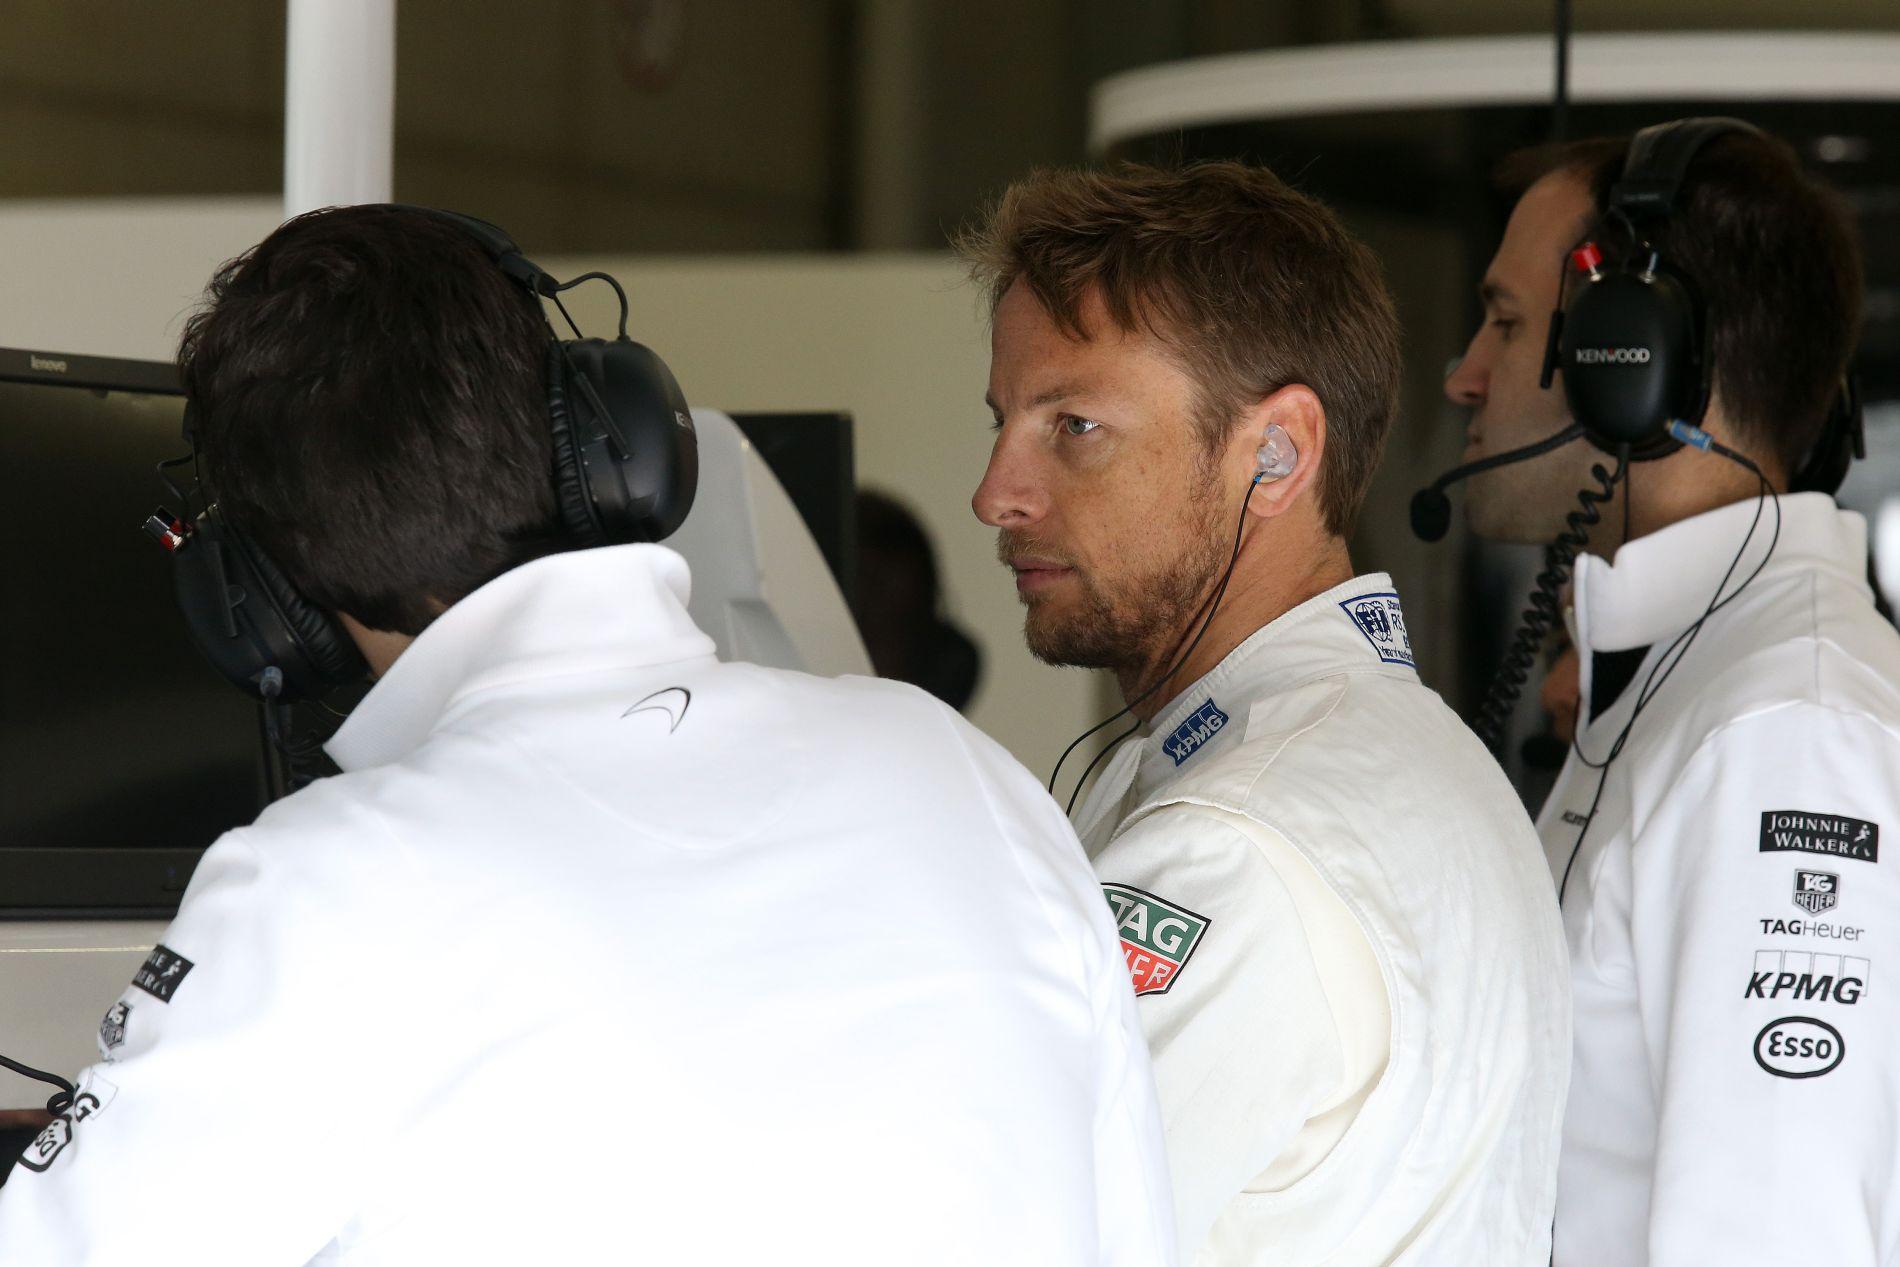 Furcsa lehet, de Alonso szerint ez volt a legjobb időmérőjük